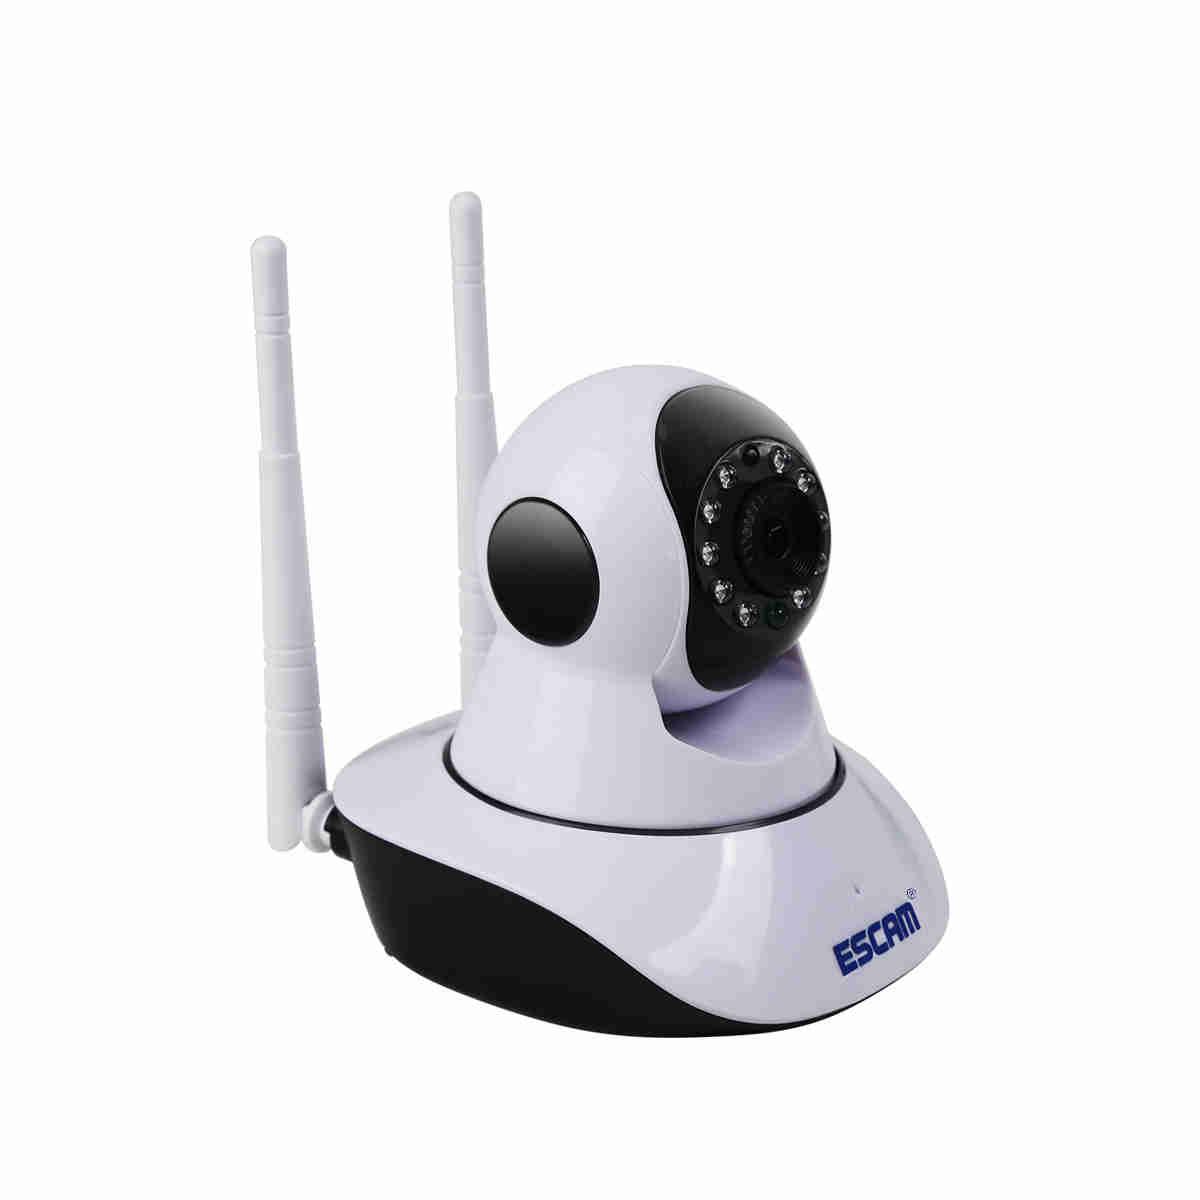 Поворотная IP-камера ESCAM G02 – 720р, удаленное управление, ночное видение, датчик движения 229672